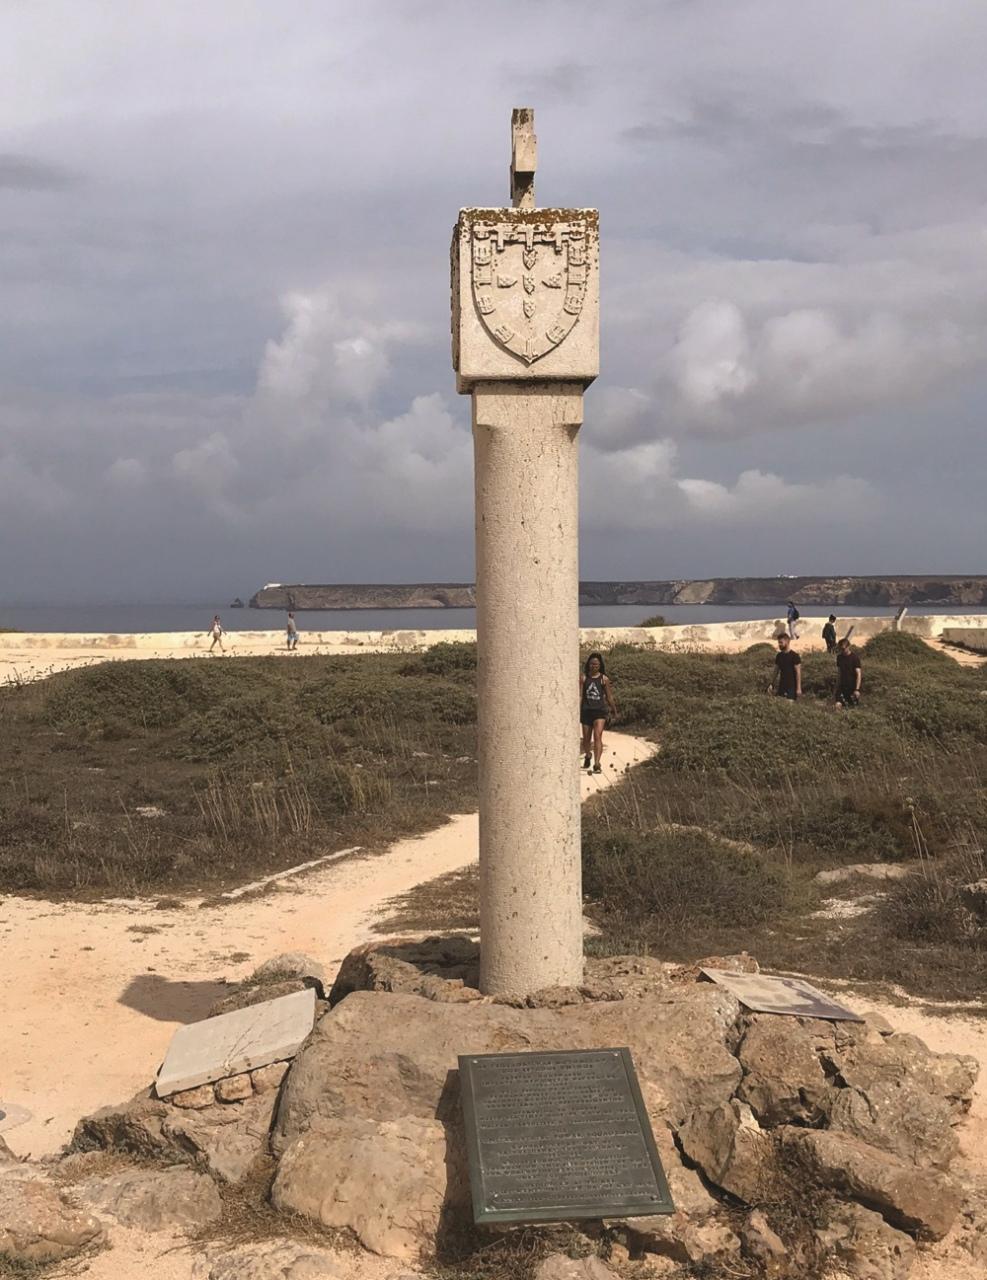 Brazão para marcar os territórios descobertos em África